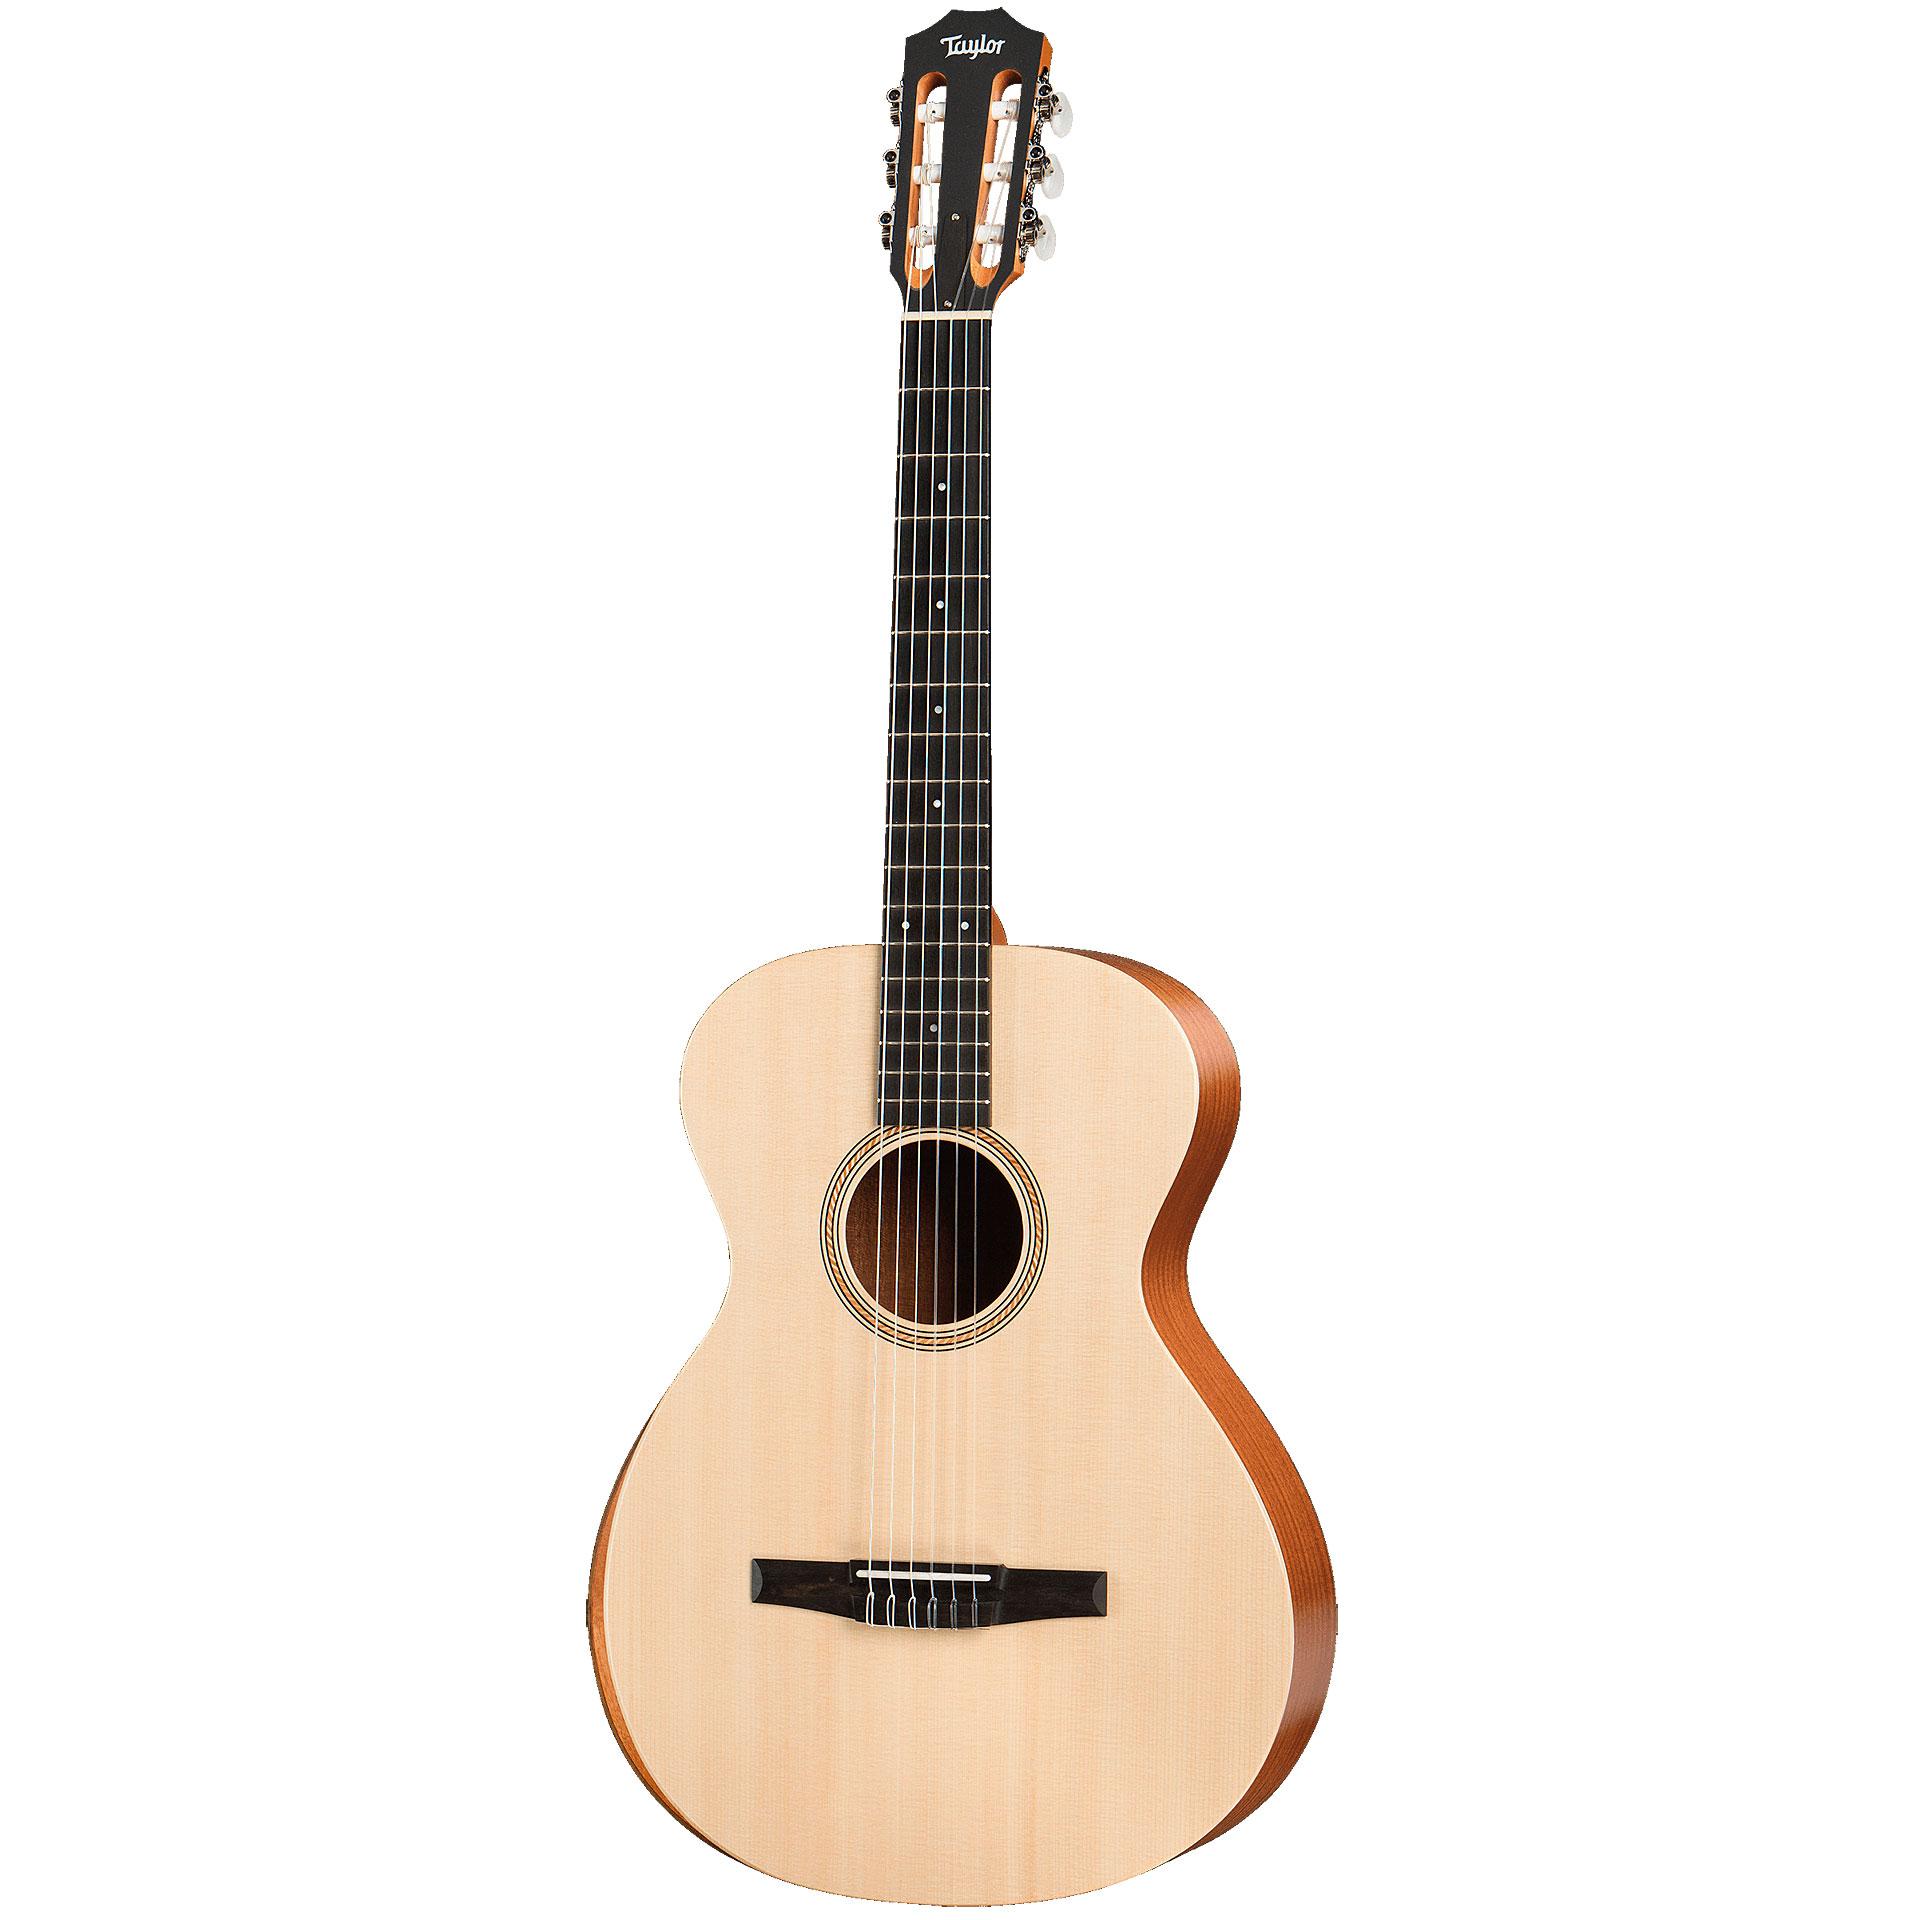 guitare classique image